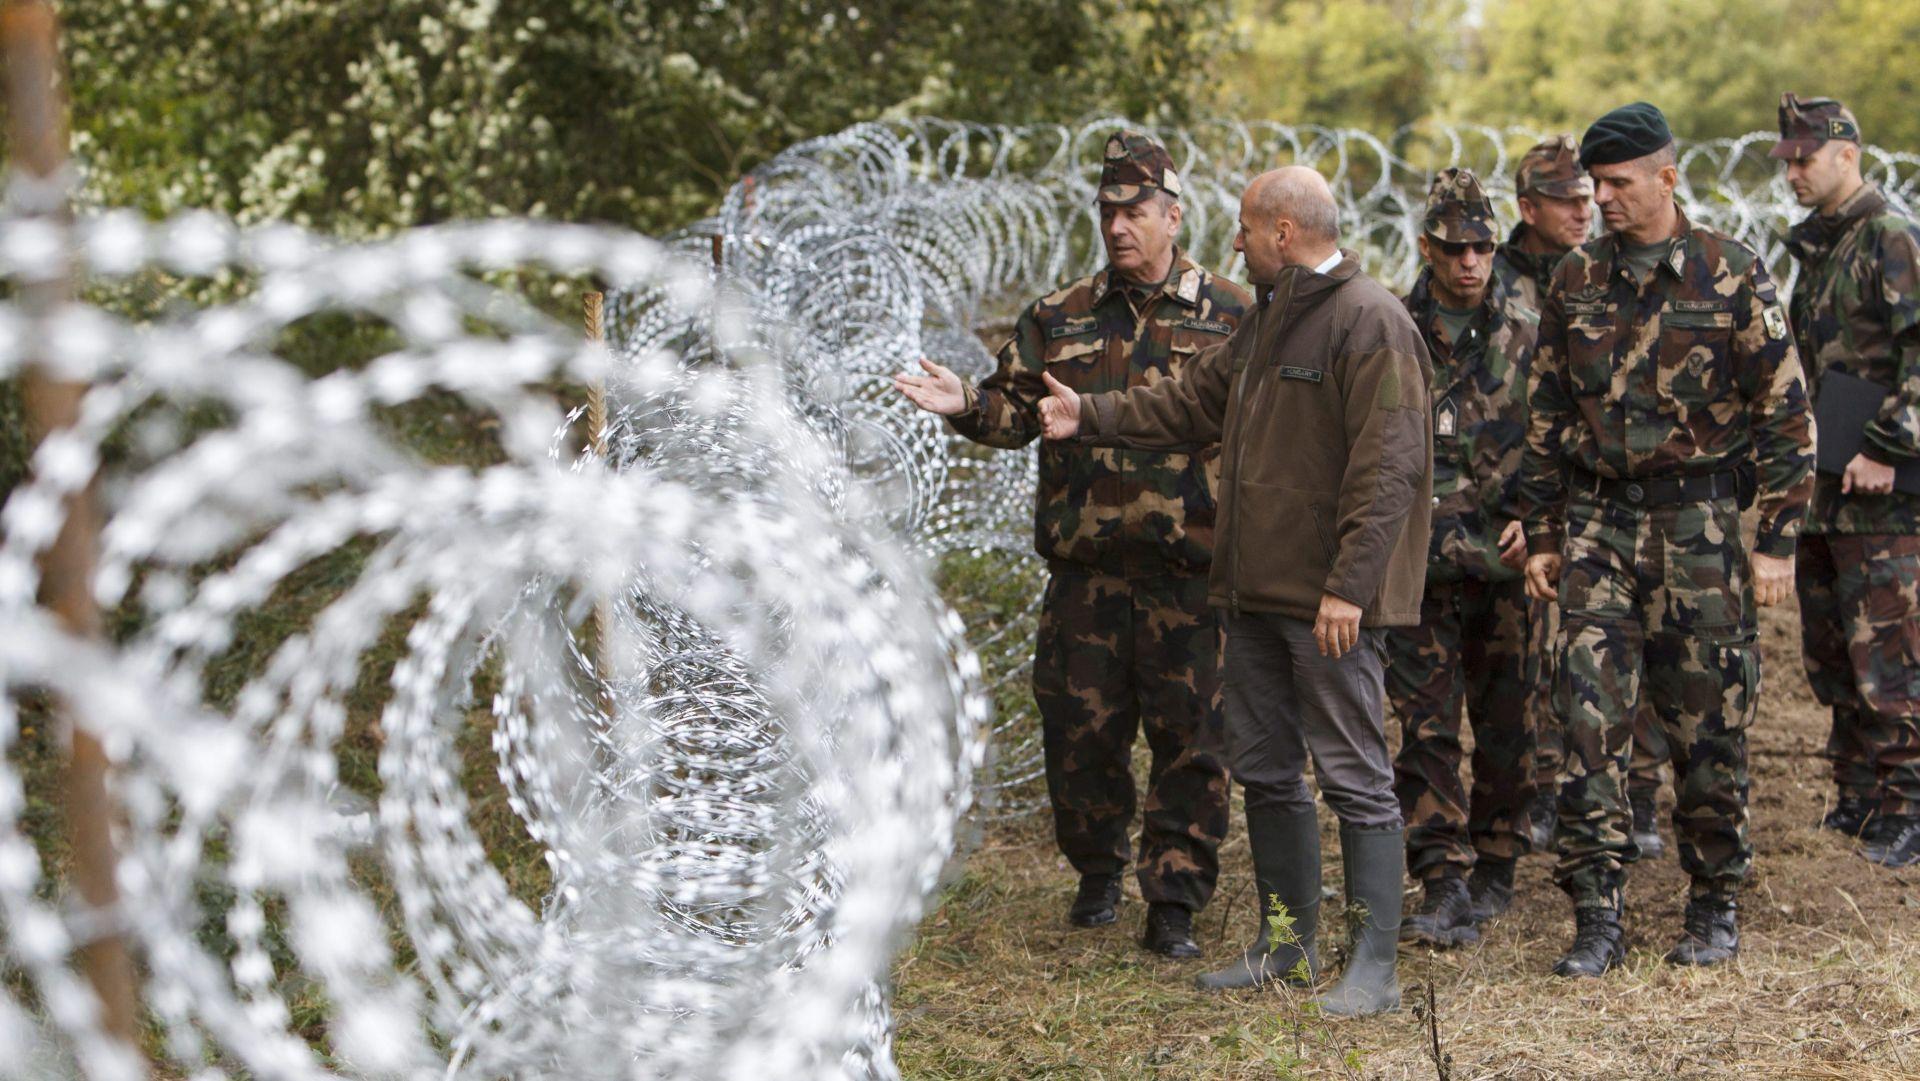 ZAŠTITA SCHENGENA Češka predlaže srednjoeuropsku akciju za zaštitu mađarske granice